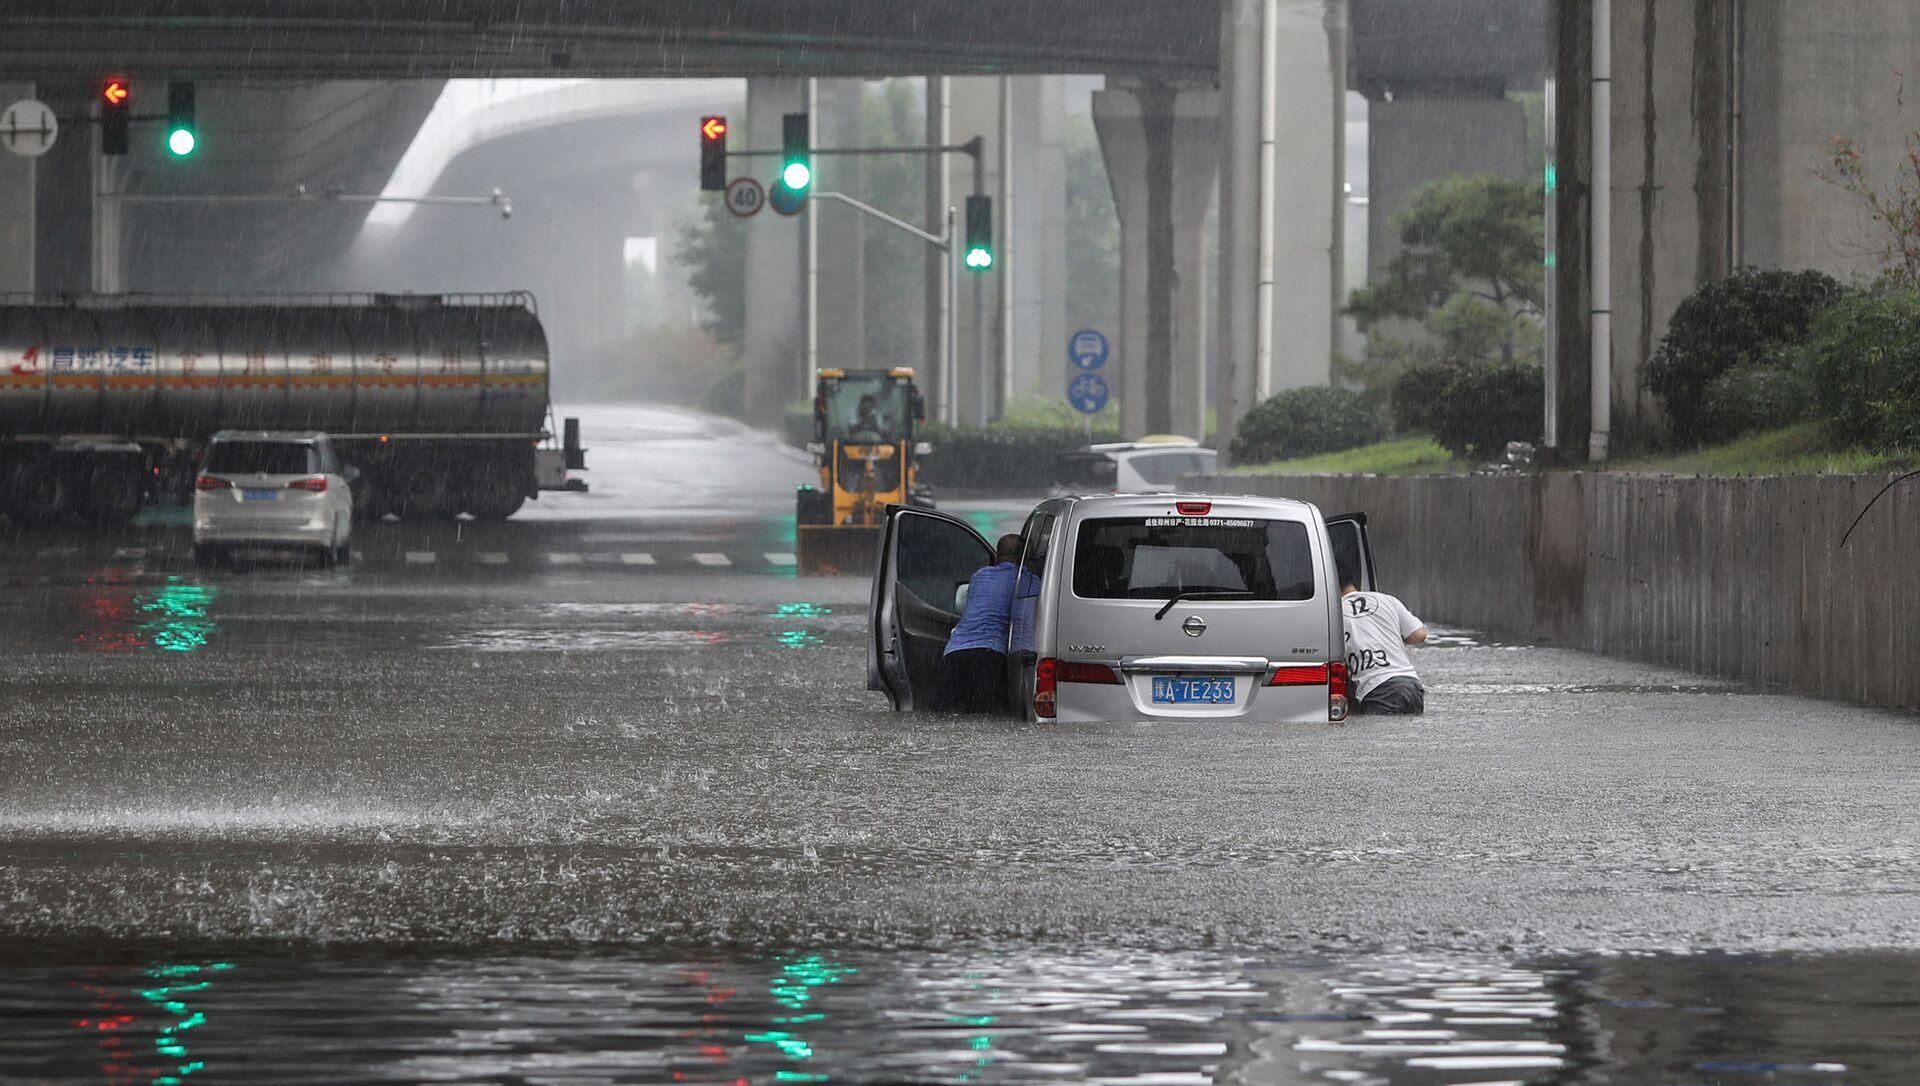 Люди толкают машину на затопленной улице в Чжэнчжоу, Китай - Sputnik Азербайджан, 1920, 23.07.2021